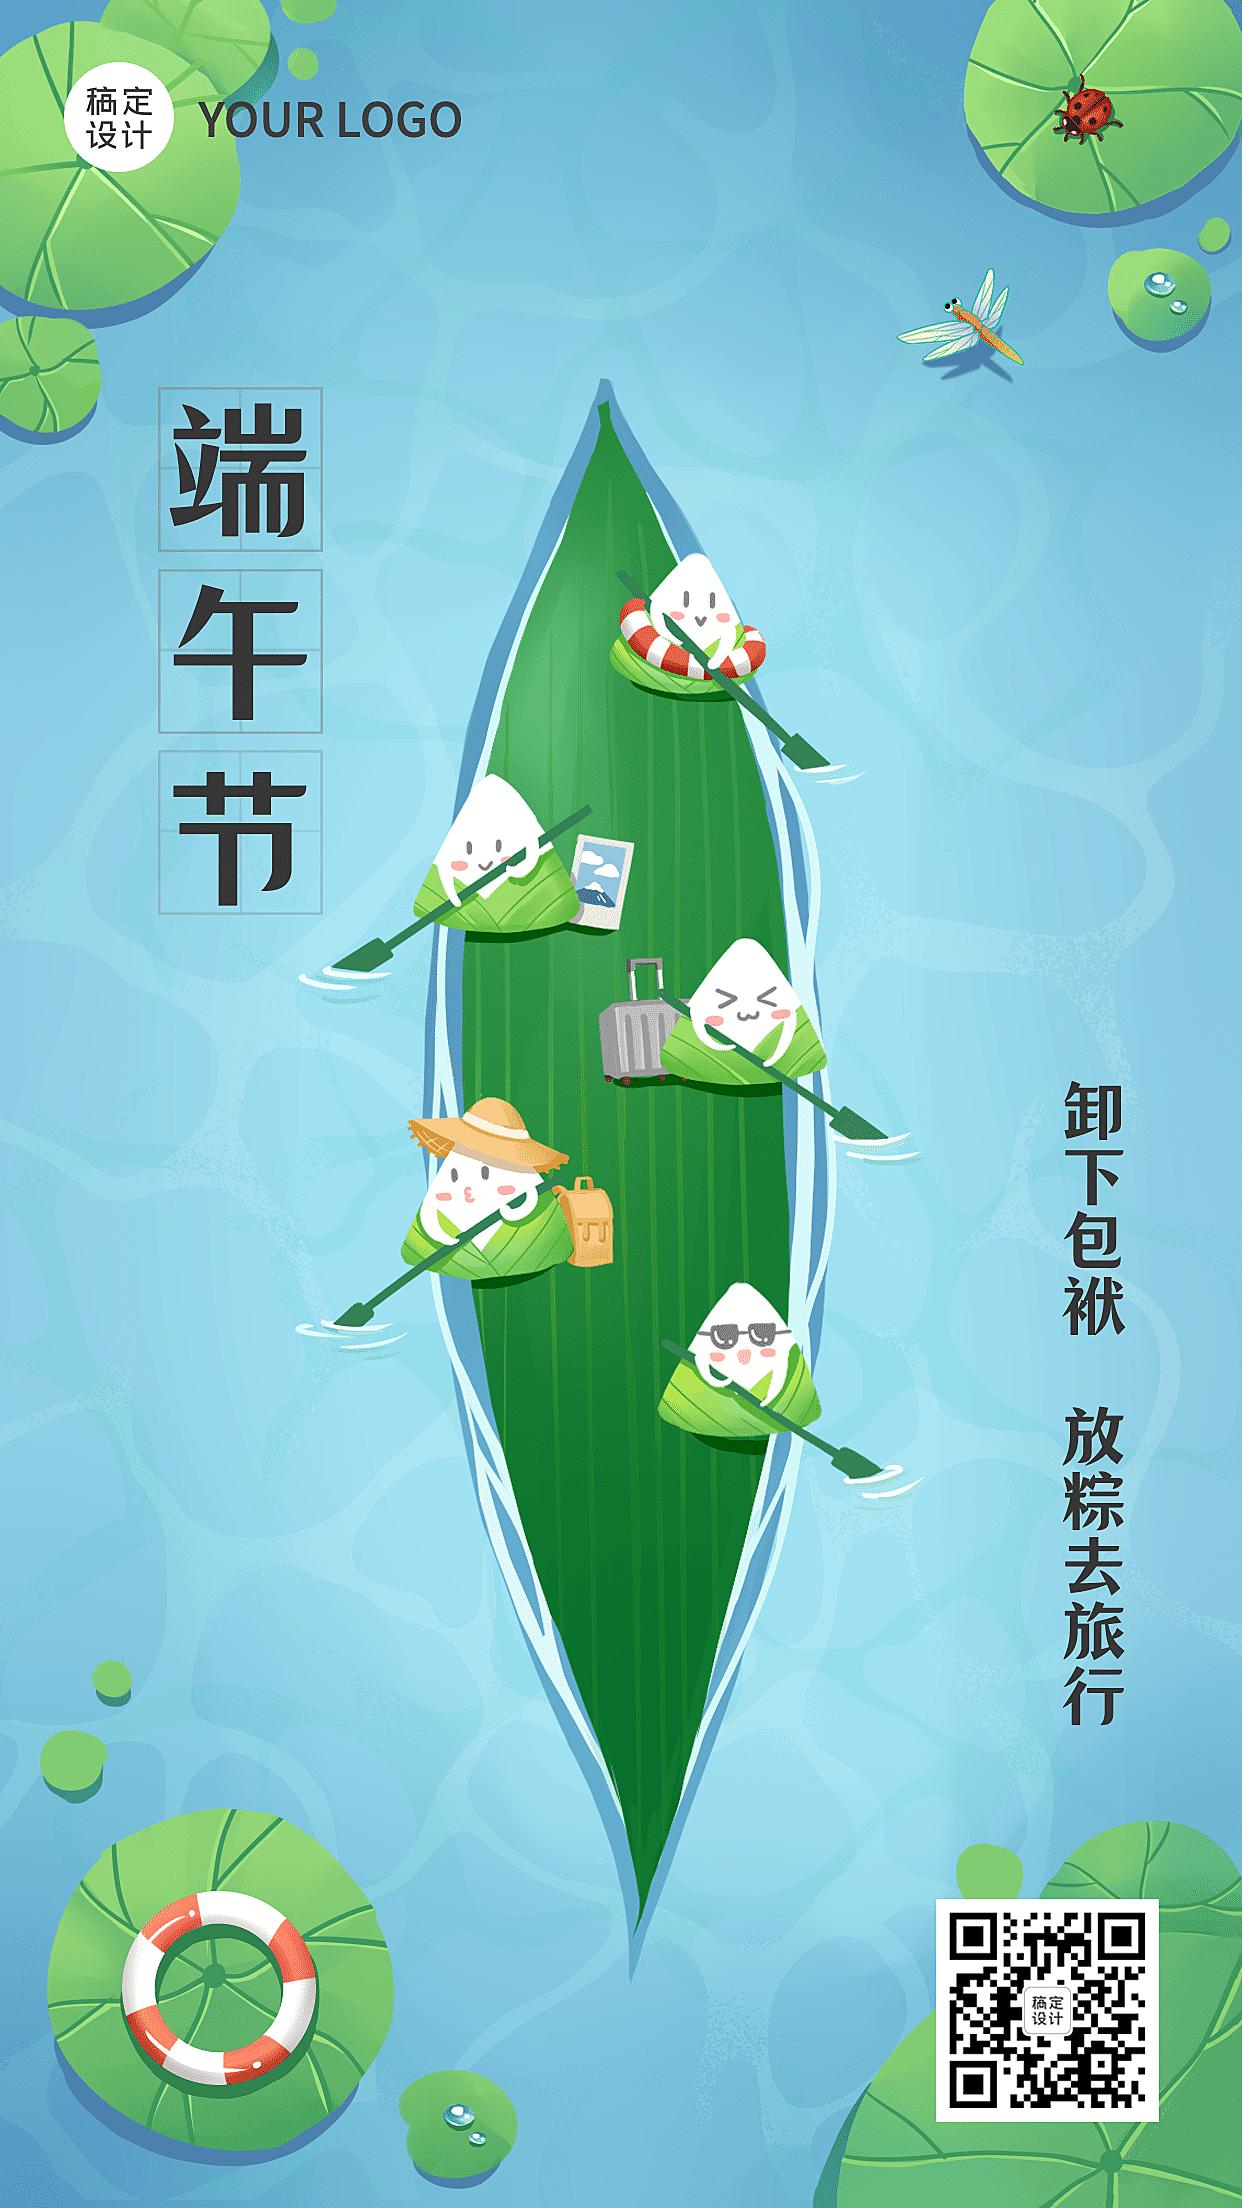 端午节节日祝福问候手机海报